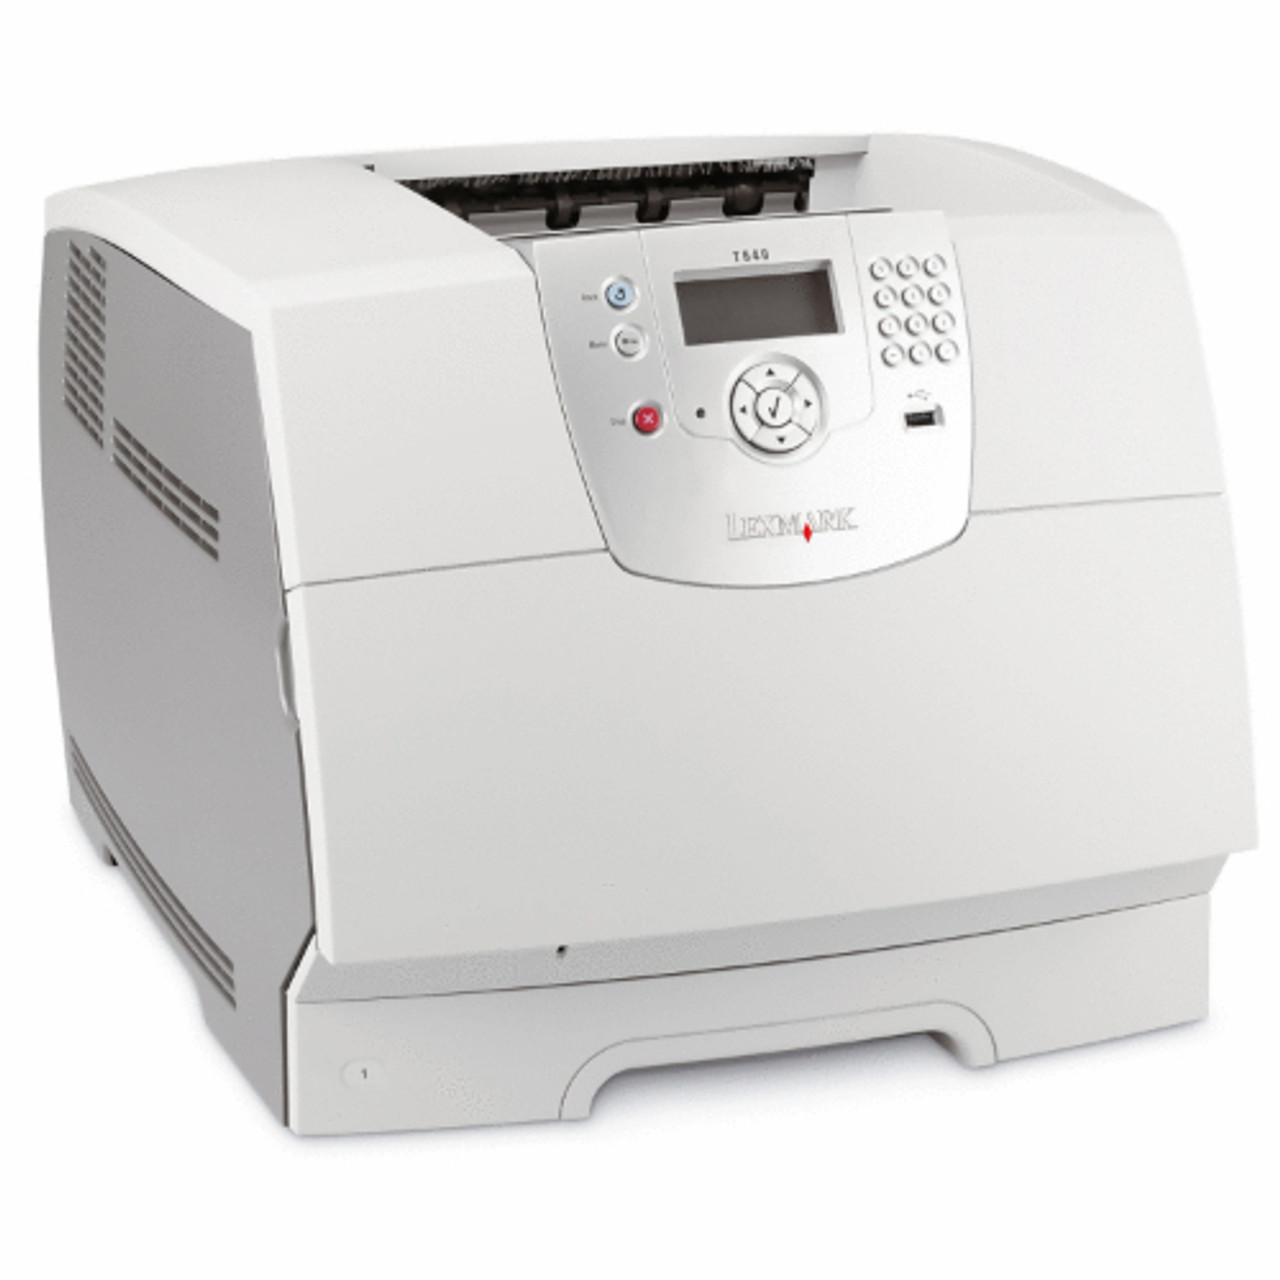 T640n